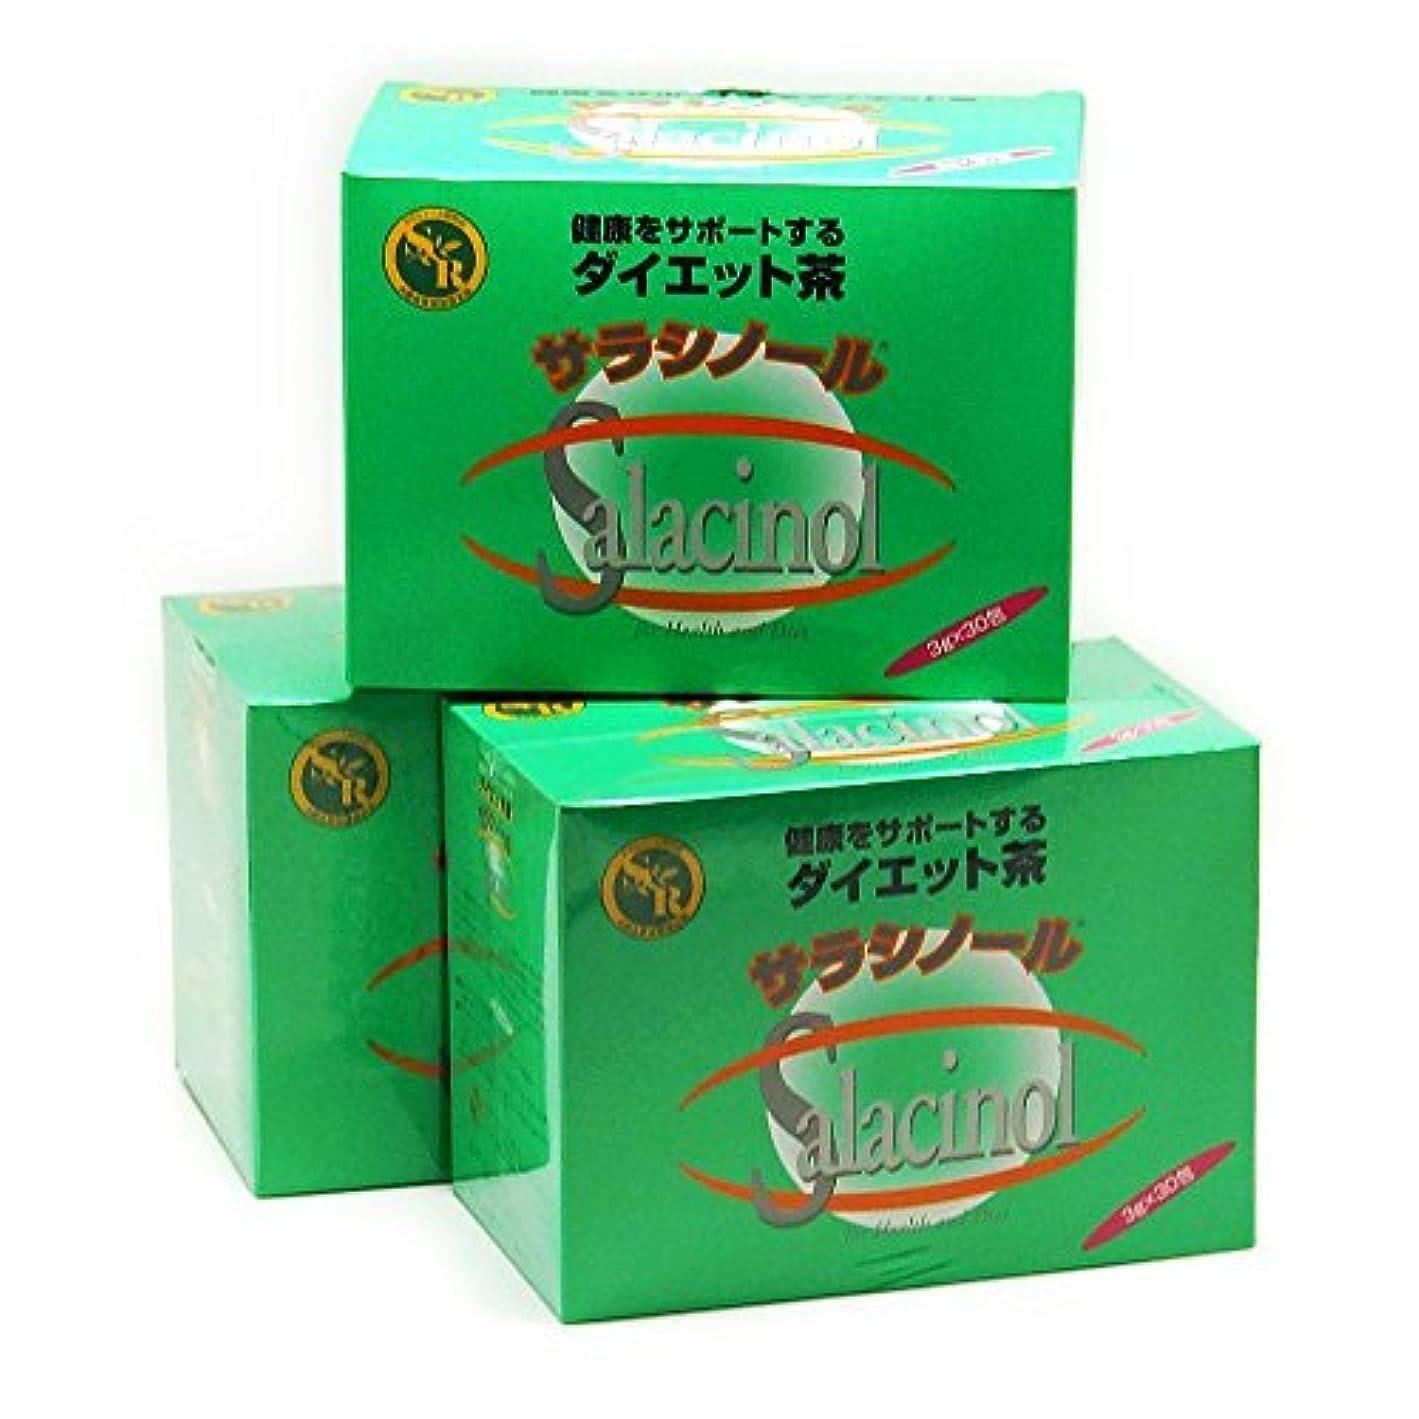 スタックチャレンジものサラシノール茶3g×30包(ティーバック)3箱